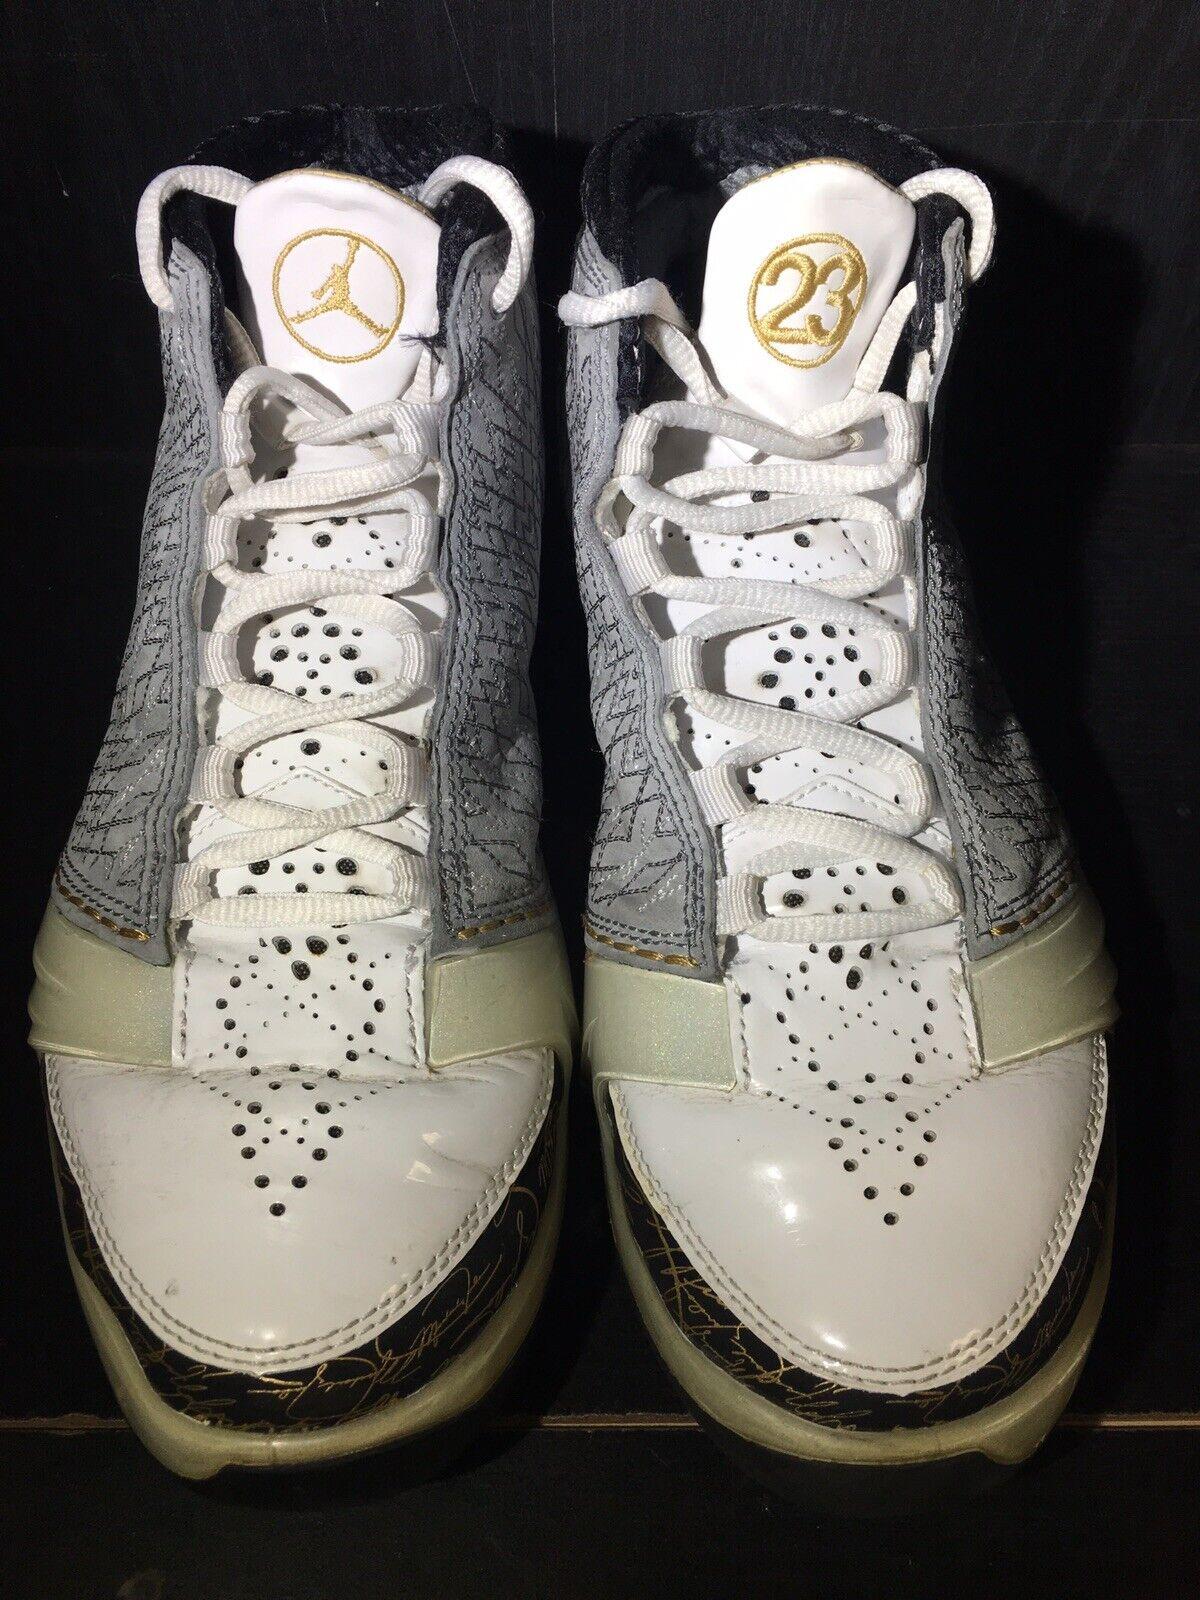 Air Jordan 23 White Stealth Size 7.5